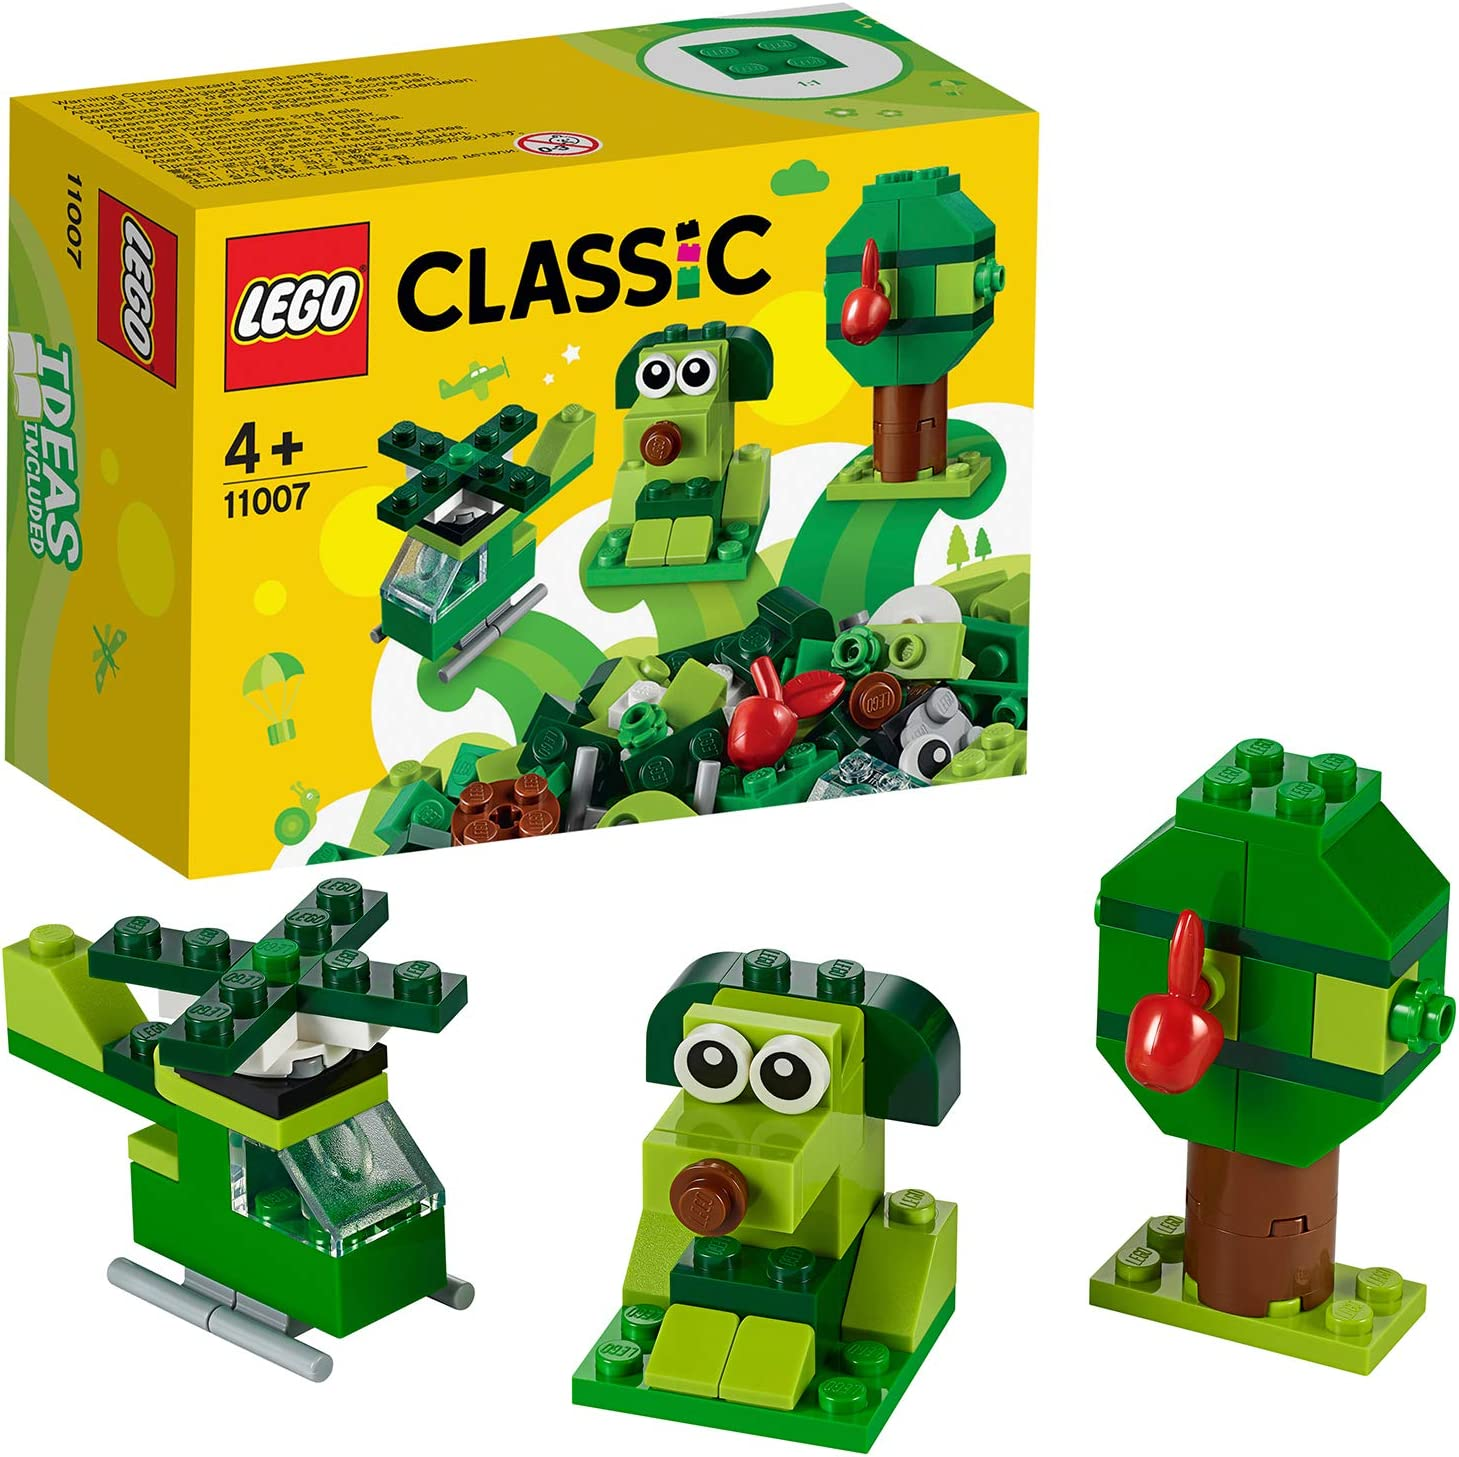 LEGO Classic - Ladrillos Creativos Verdes, Set de Construcción con ...